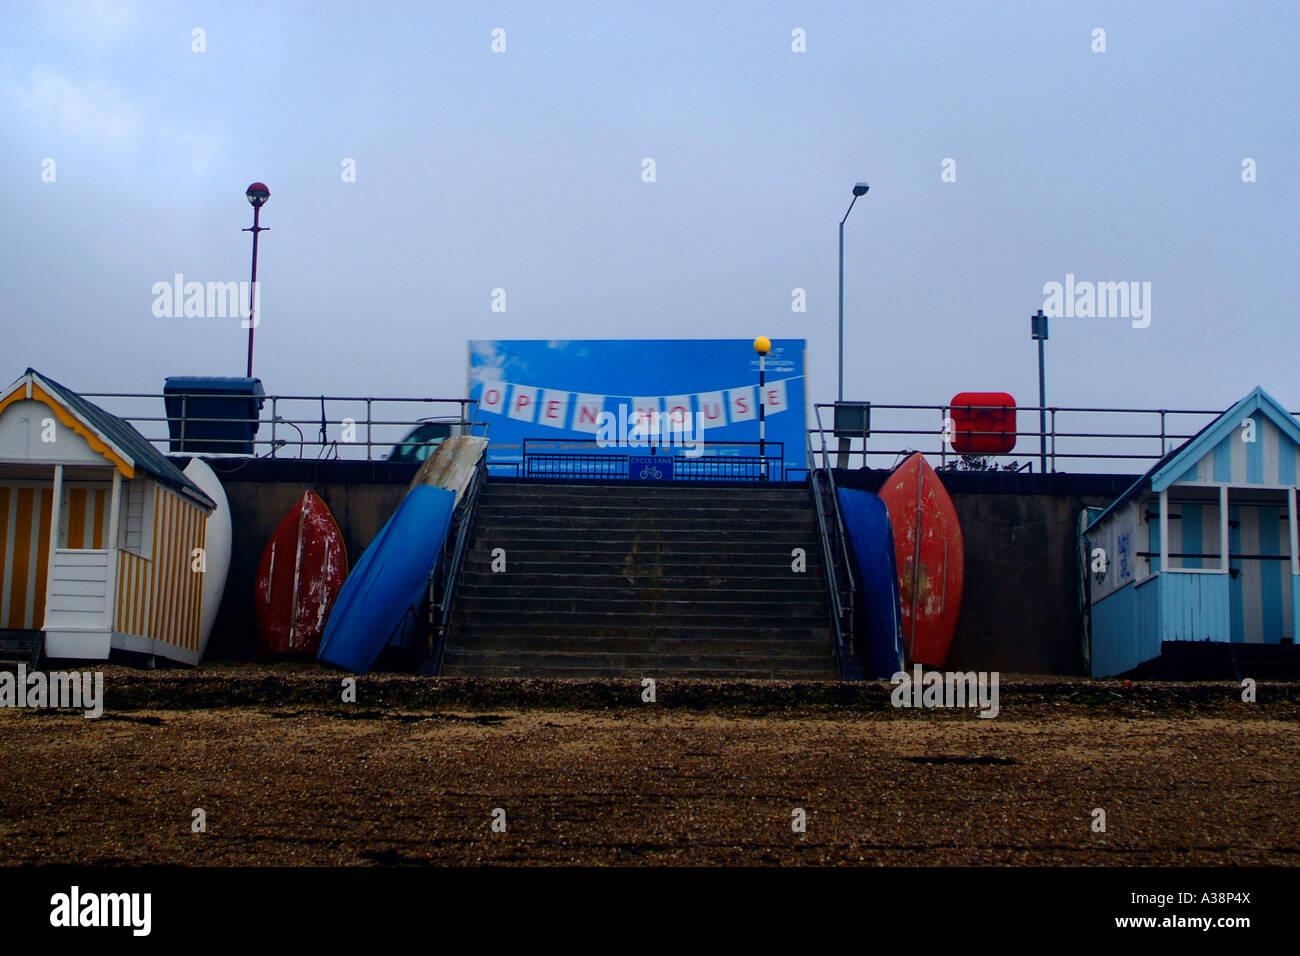 Fährt ein Fahrzeug mit einem großen Plakat auf der Rückseite an einer Strandpromenade mit der Botschaft Stockbild